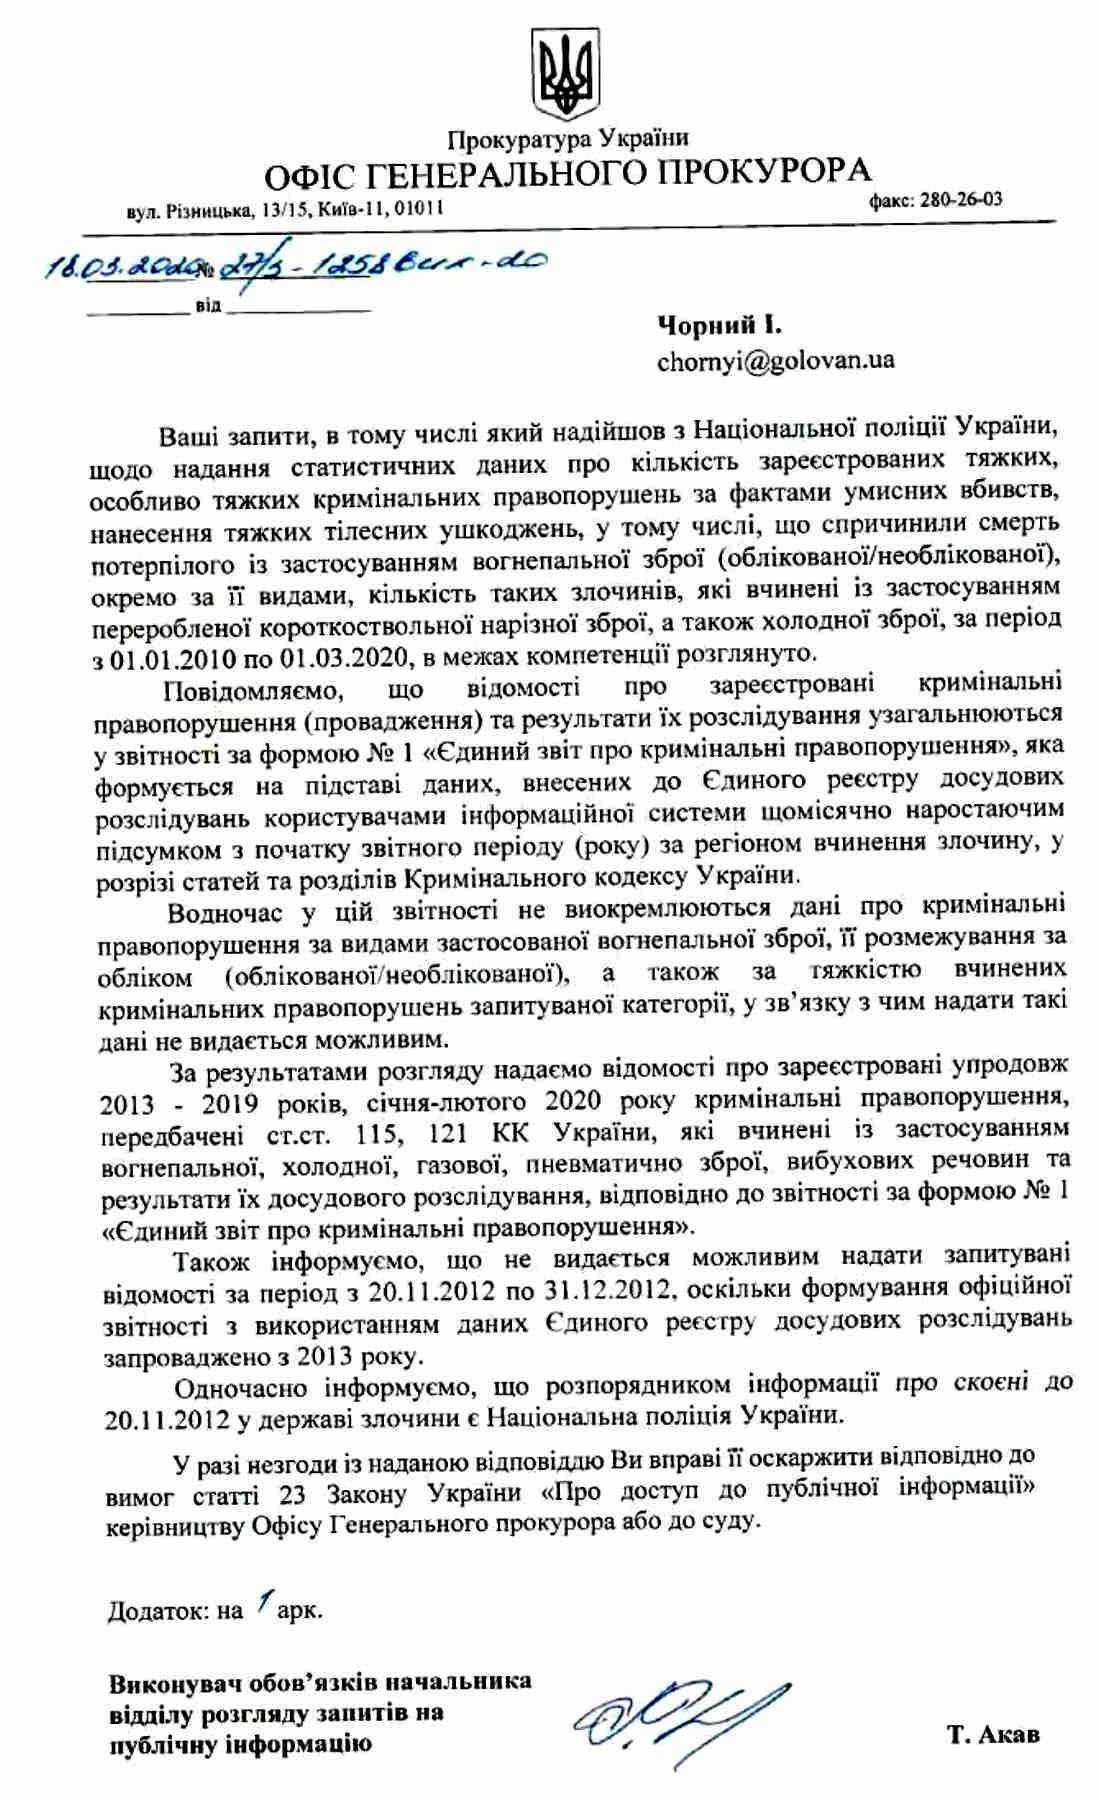 Лист від ОГП.